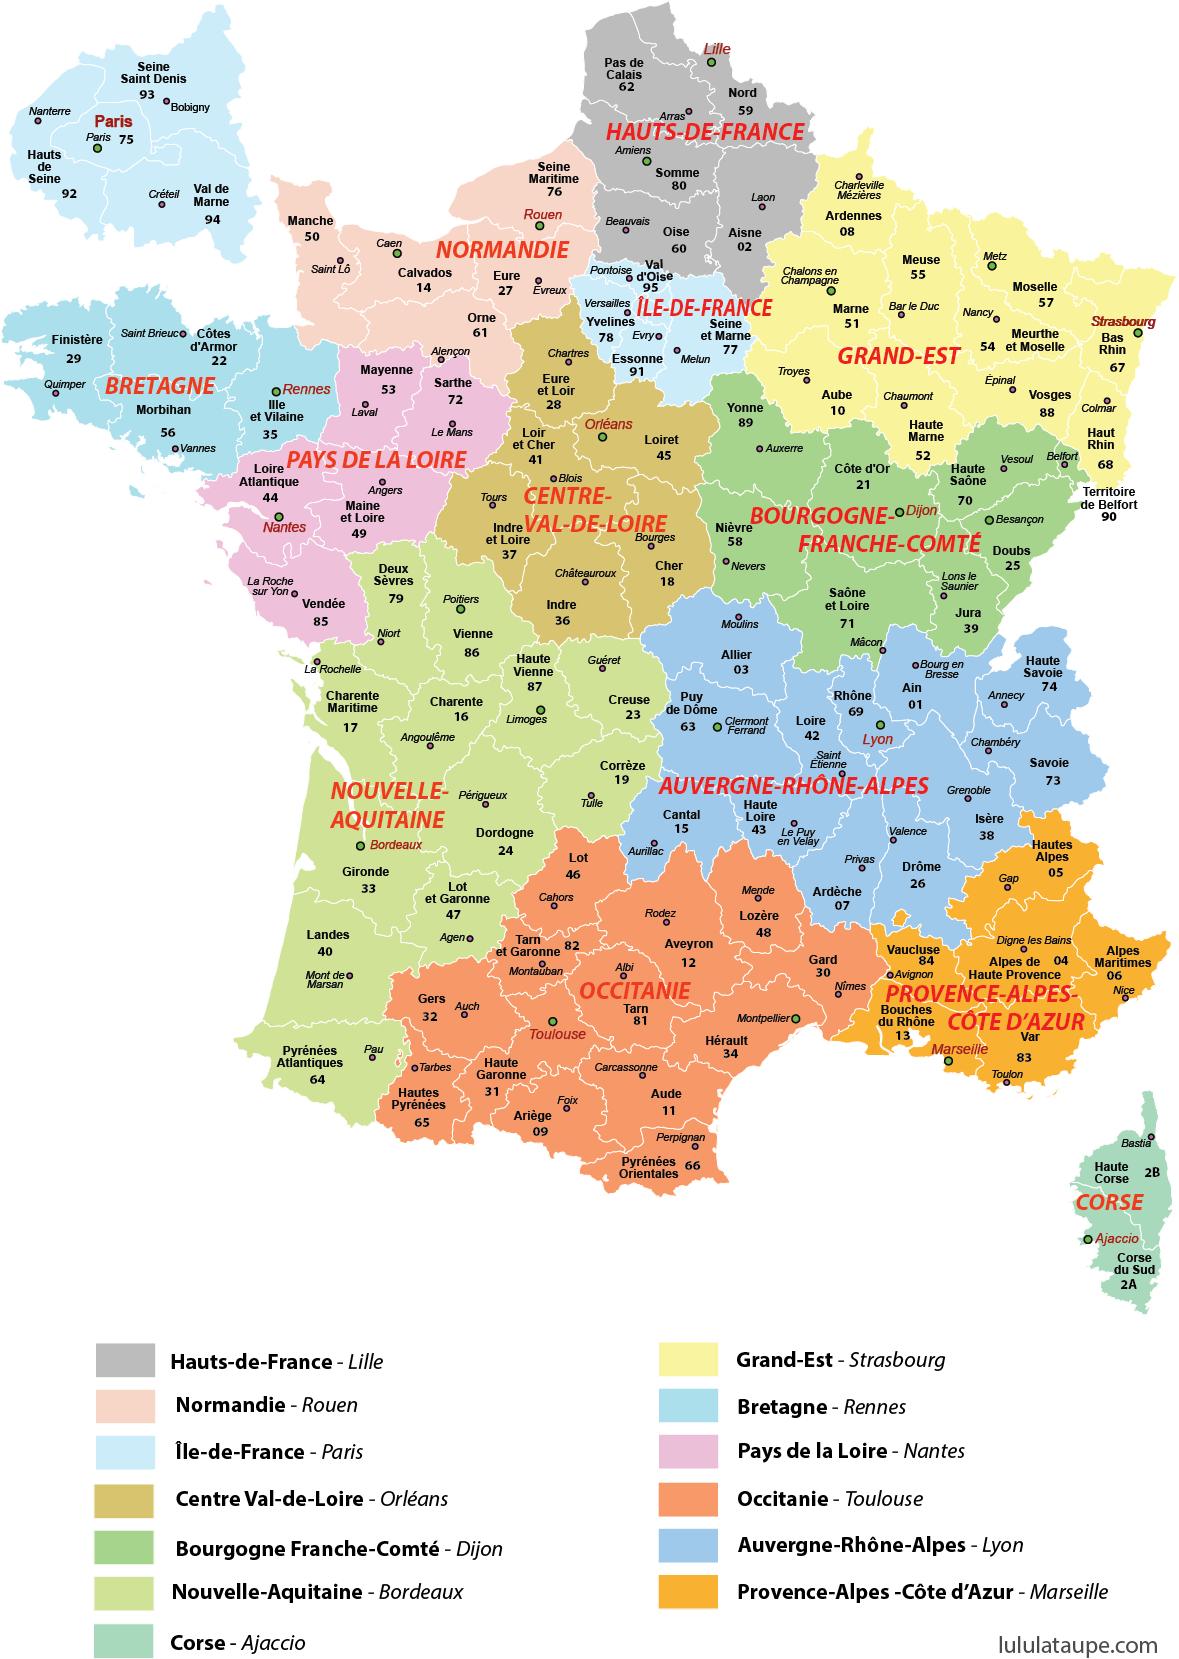 Dpartements #prfectures #imprimer #rgions #france #carte intérieur Mappe De France